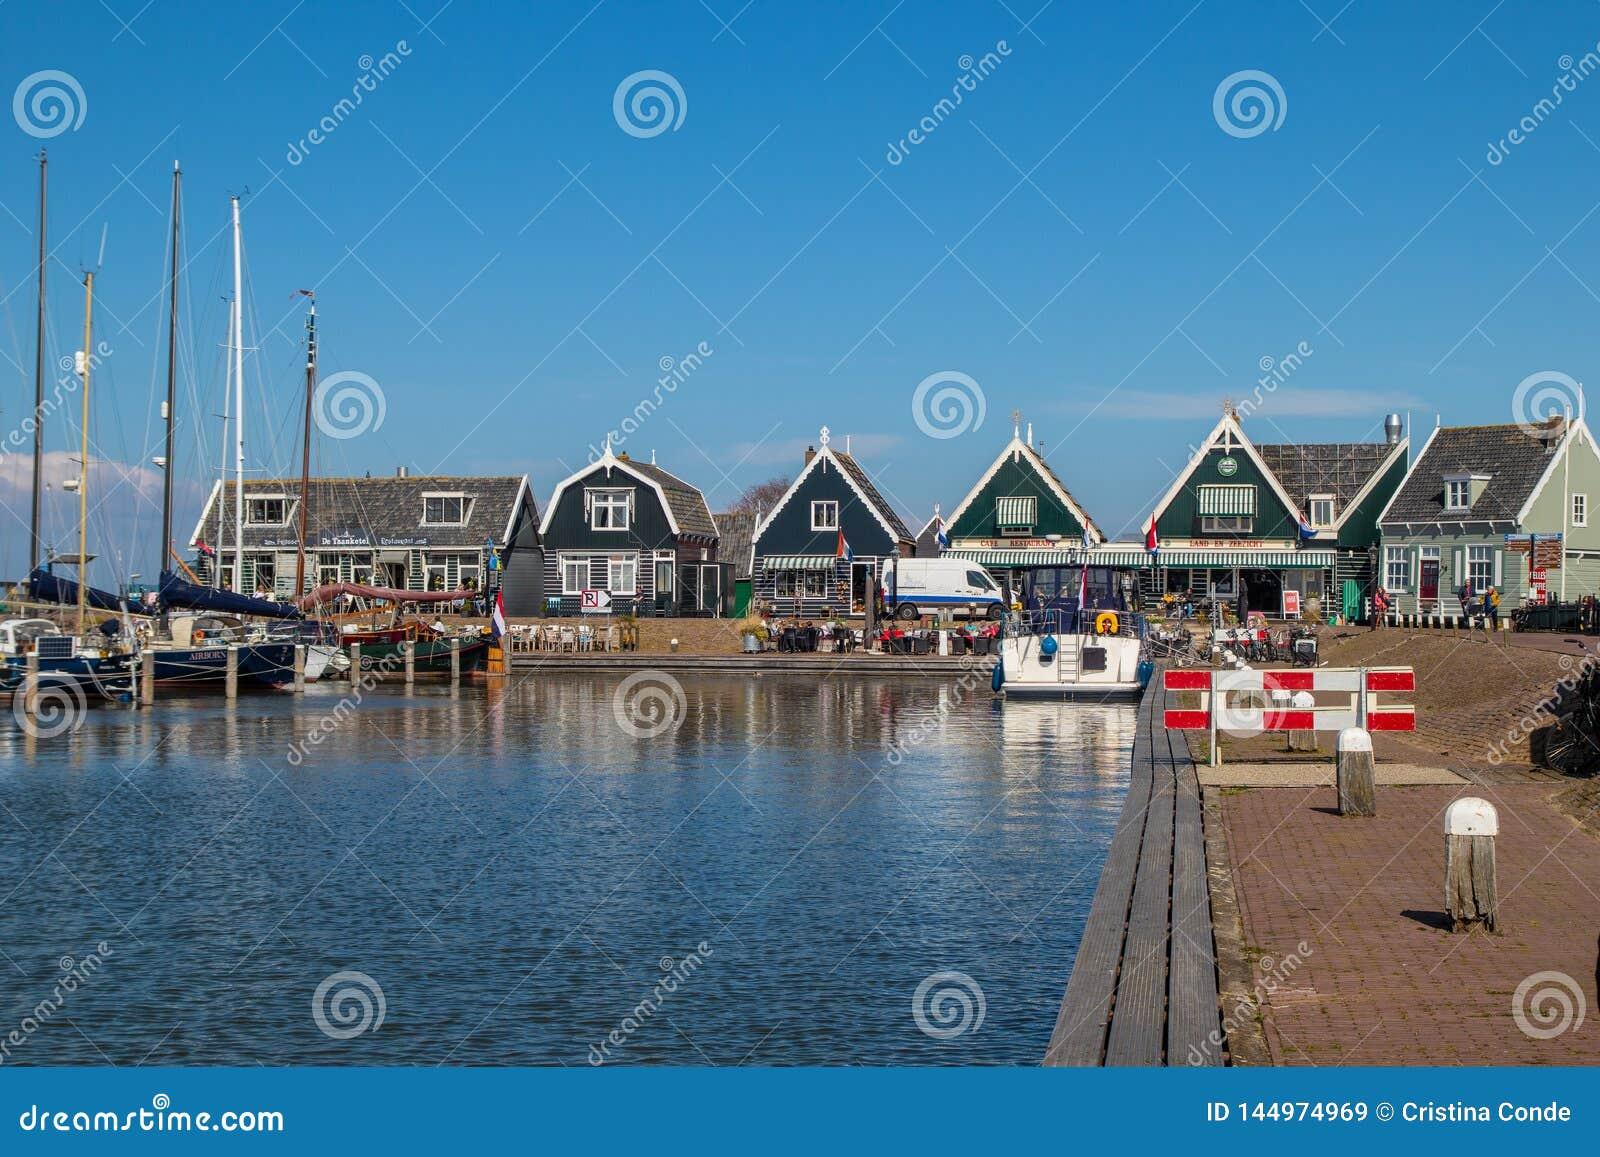 Passeggiata attraverso il porto di Marken